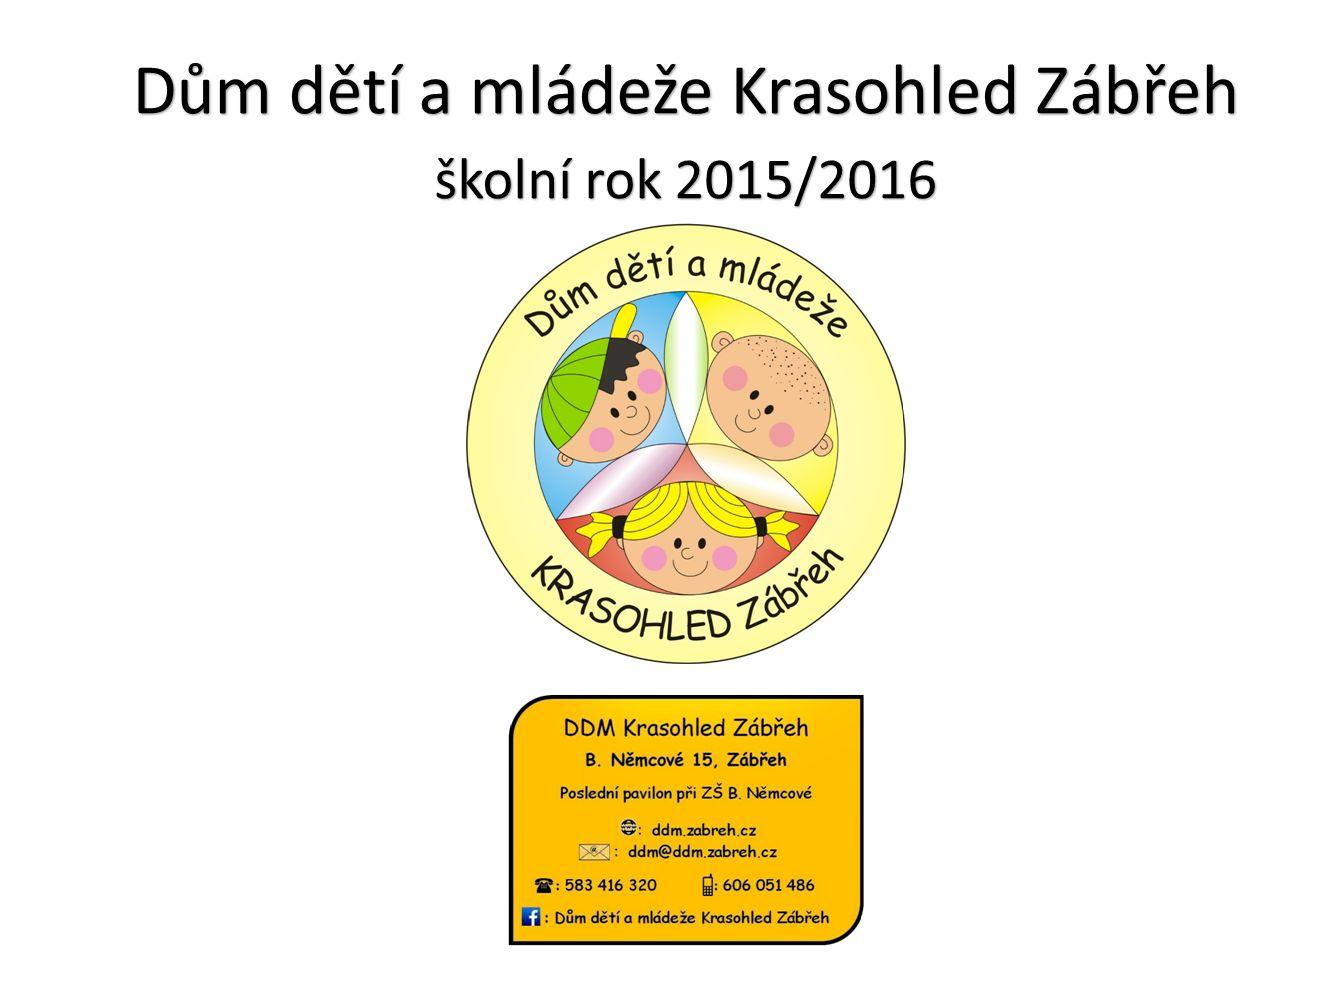 Dům dětí a mládeže Krasohled Zábřeh školní rok 2015/2016